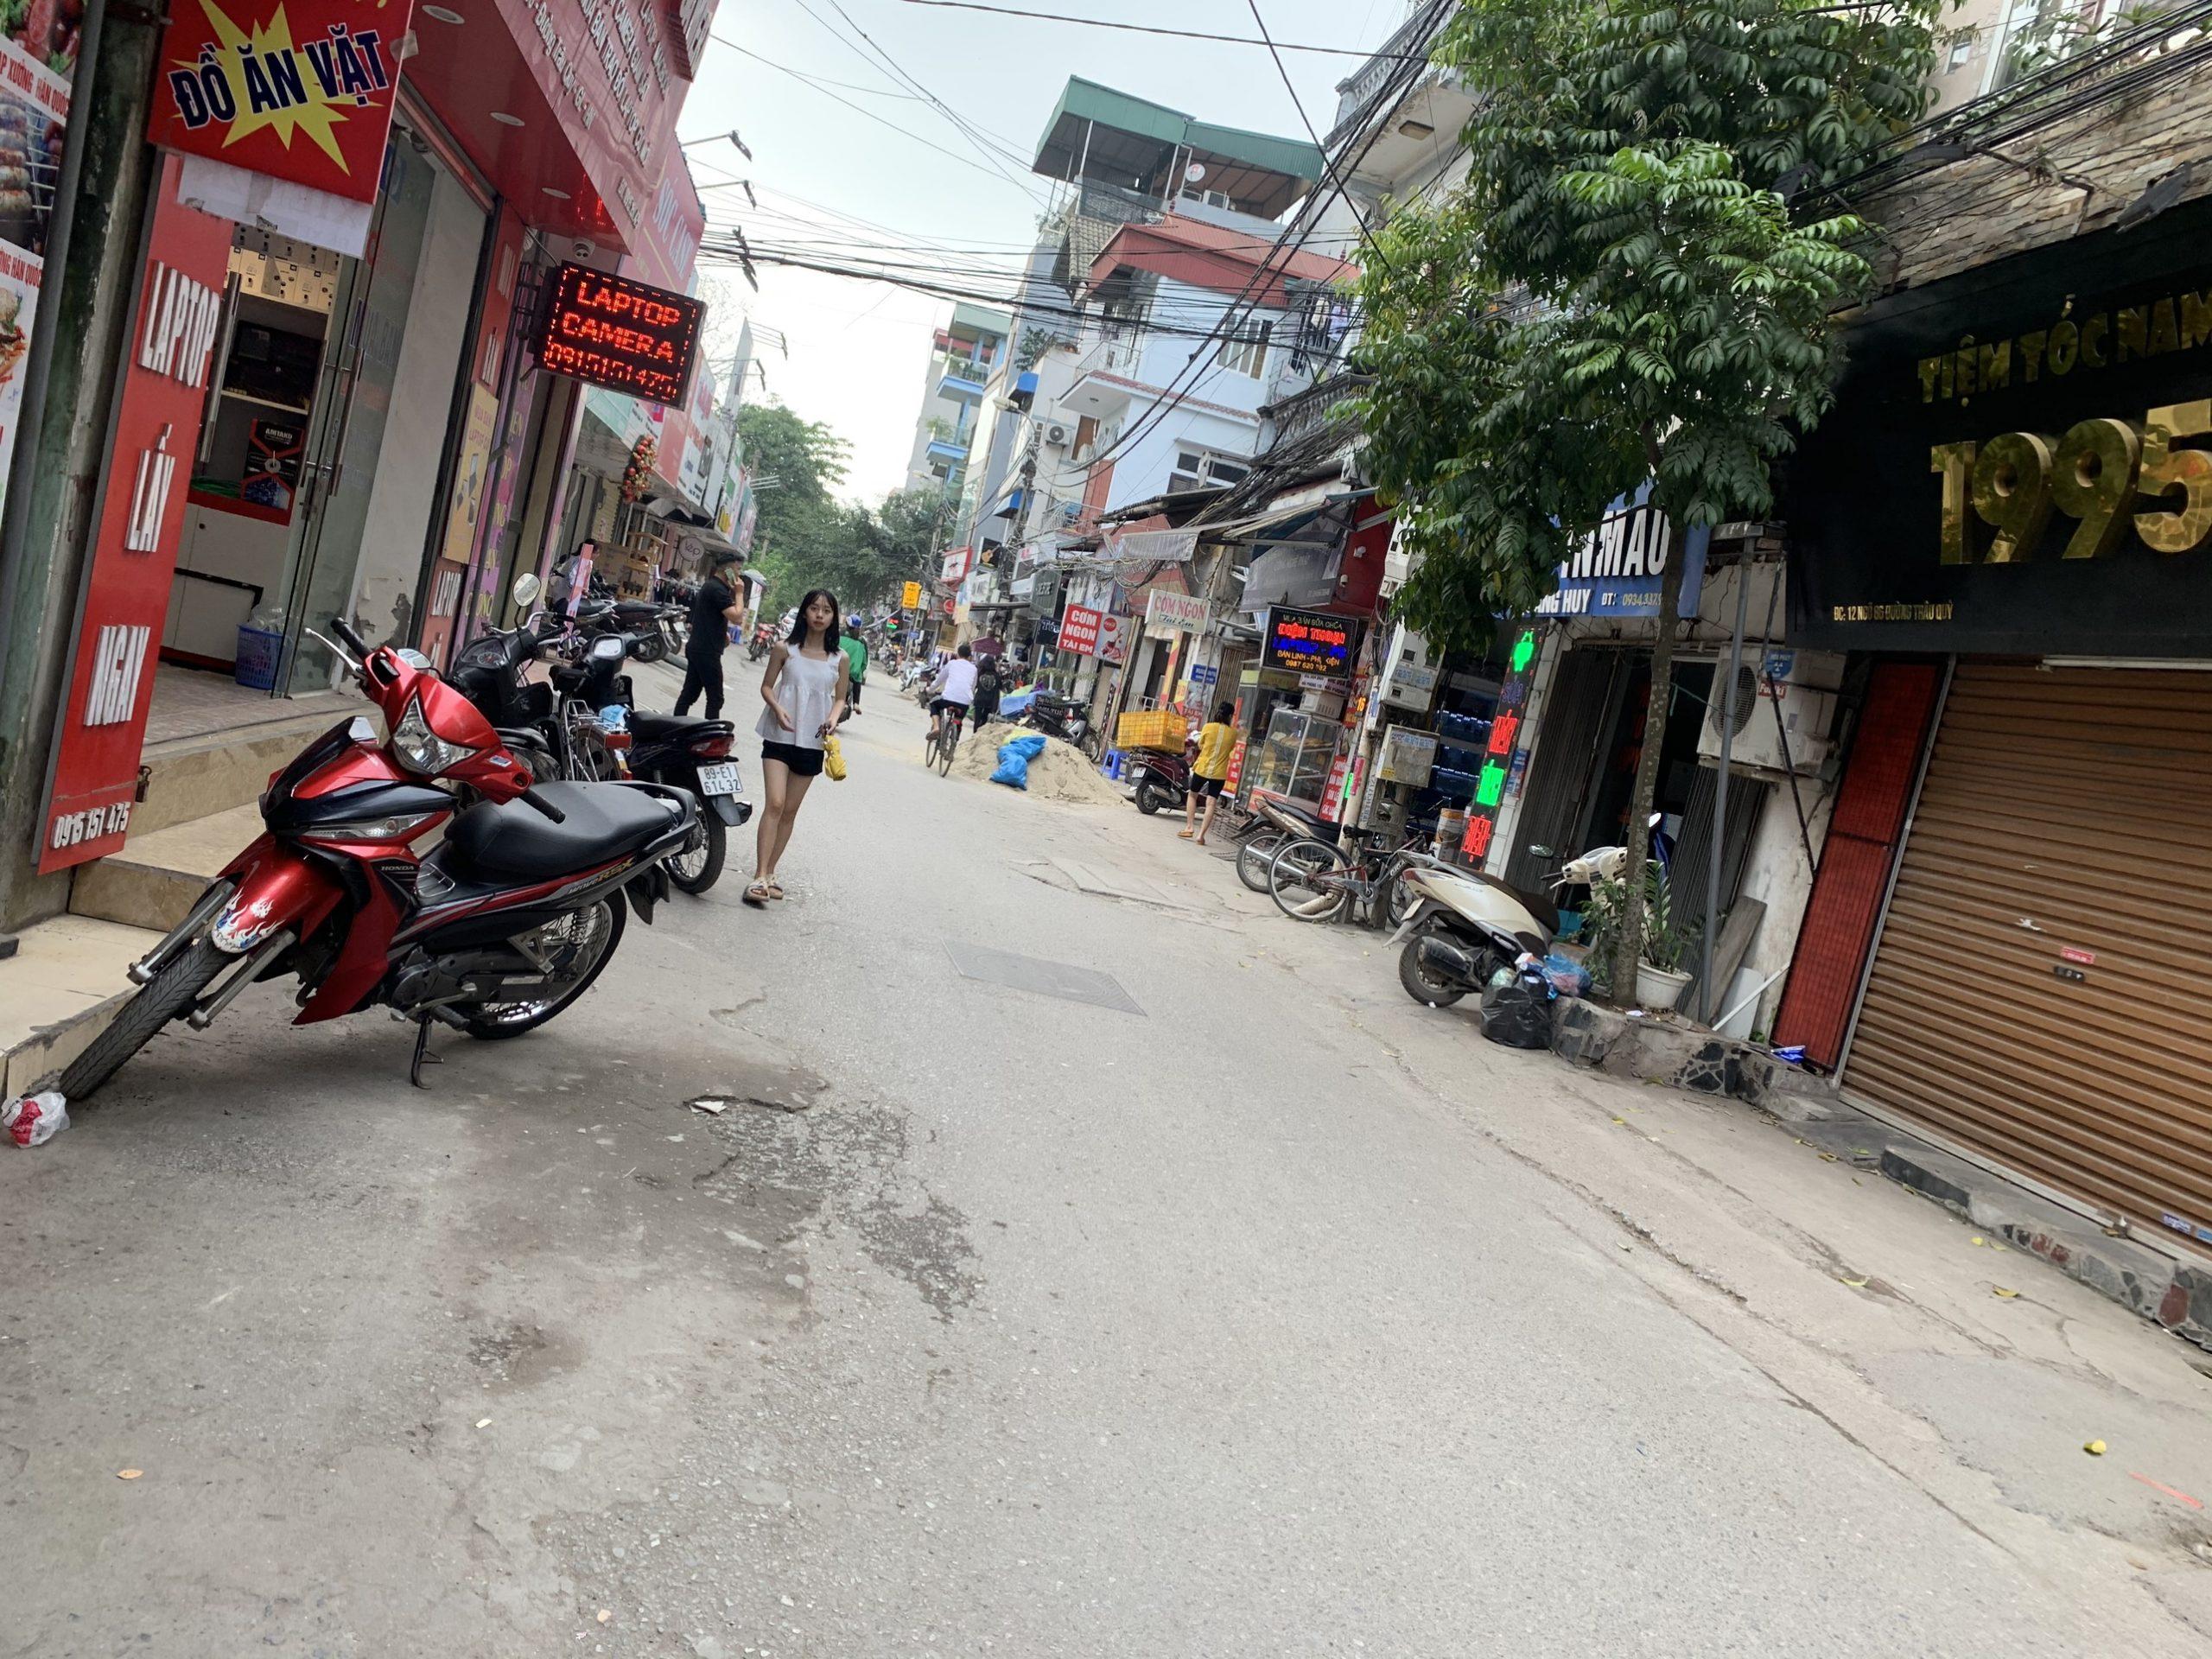 Cần bán nhanh lô đất 36,3m2 cực hiếm tại đường U, Học viện Nông nghiệp, Trâu Quỳ, Gia Lâm, Hà Nội.